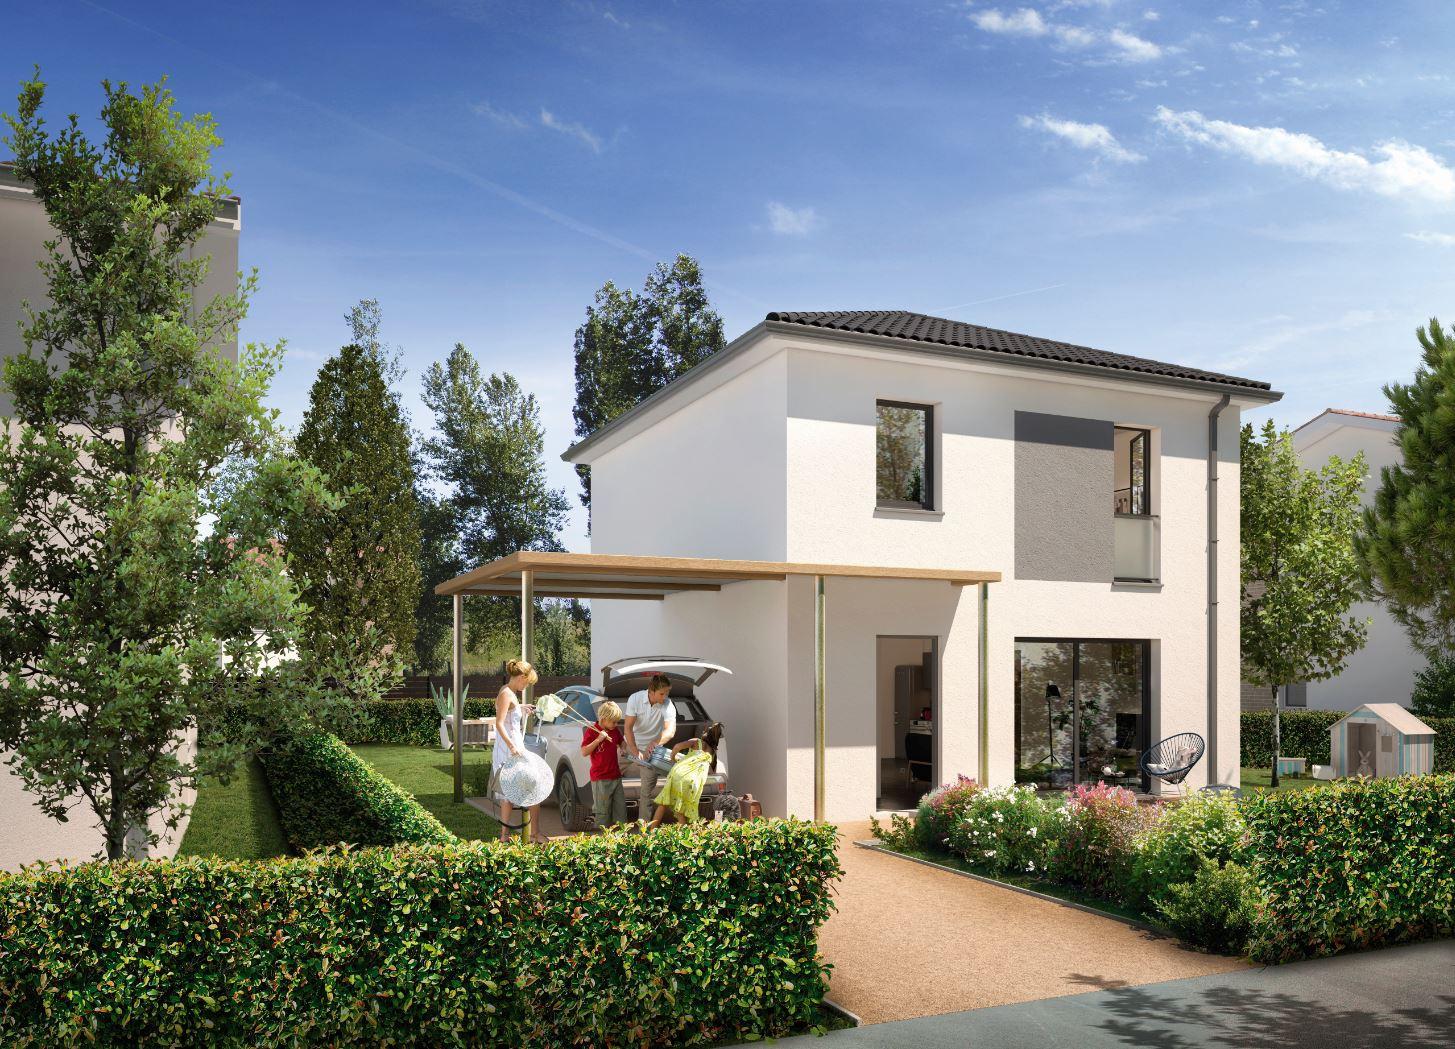 Vente Maison Terrain + Maison de 92 m2  à St jory